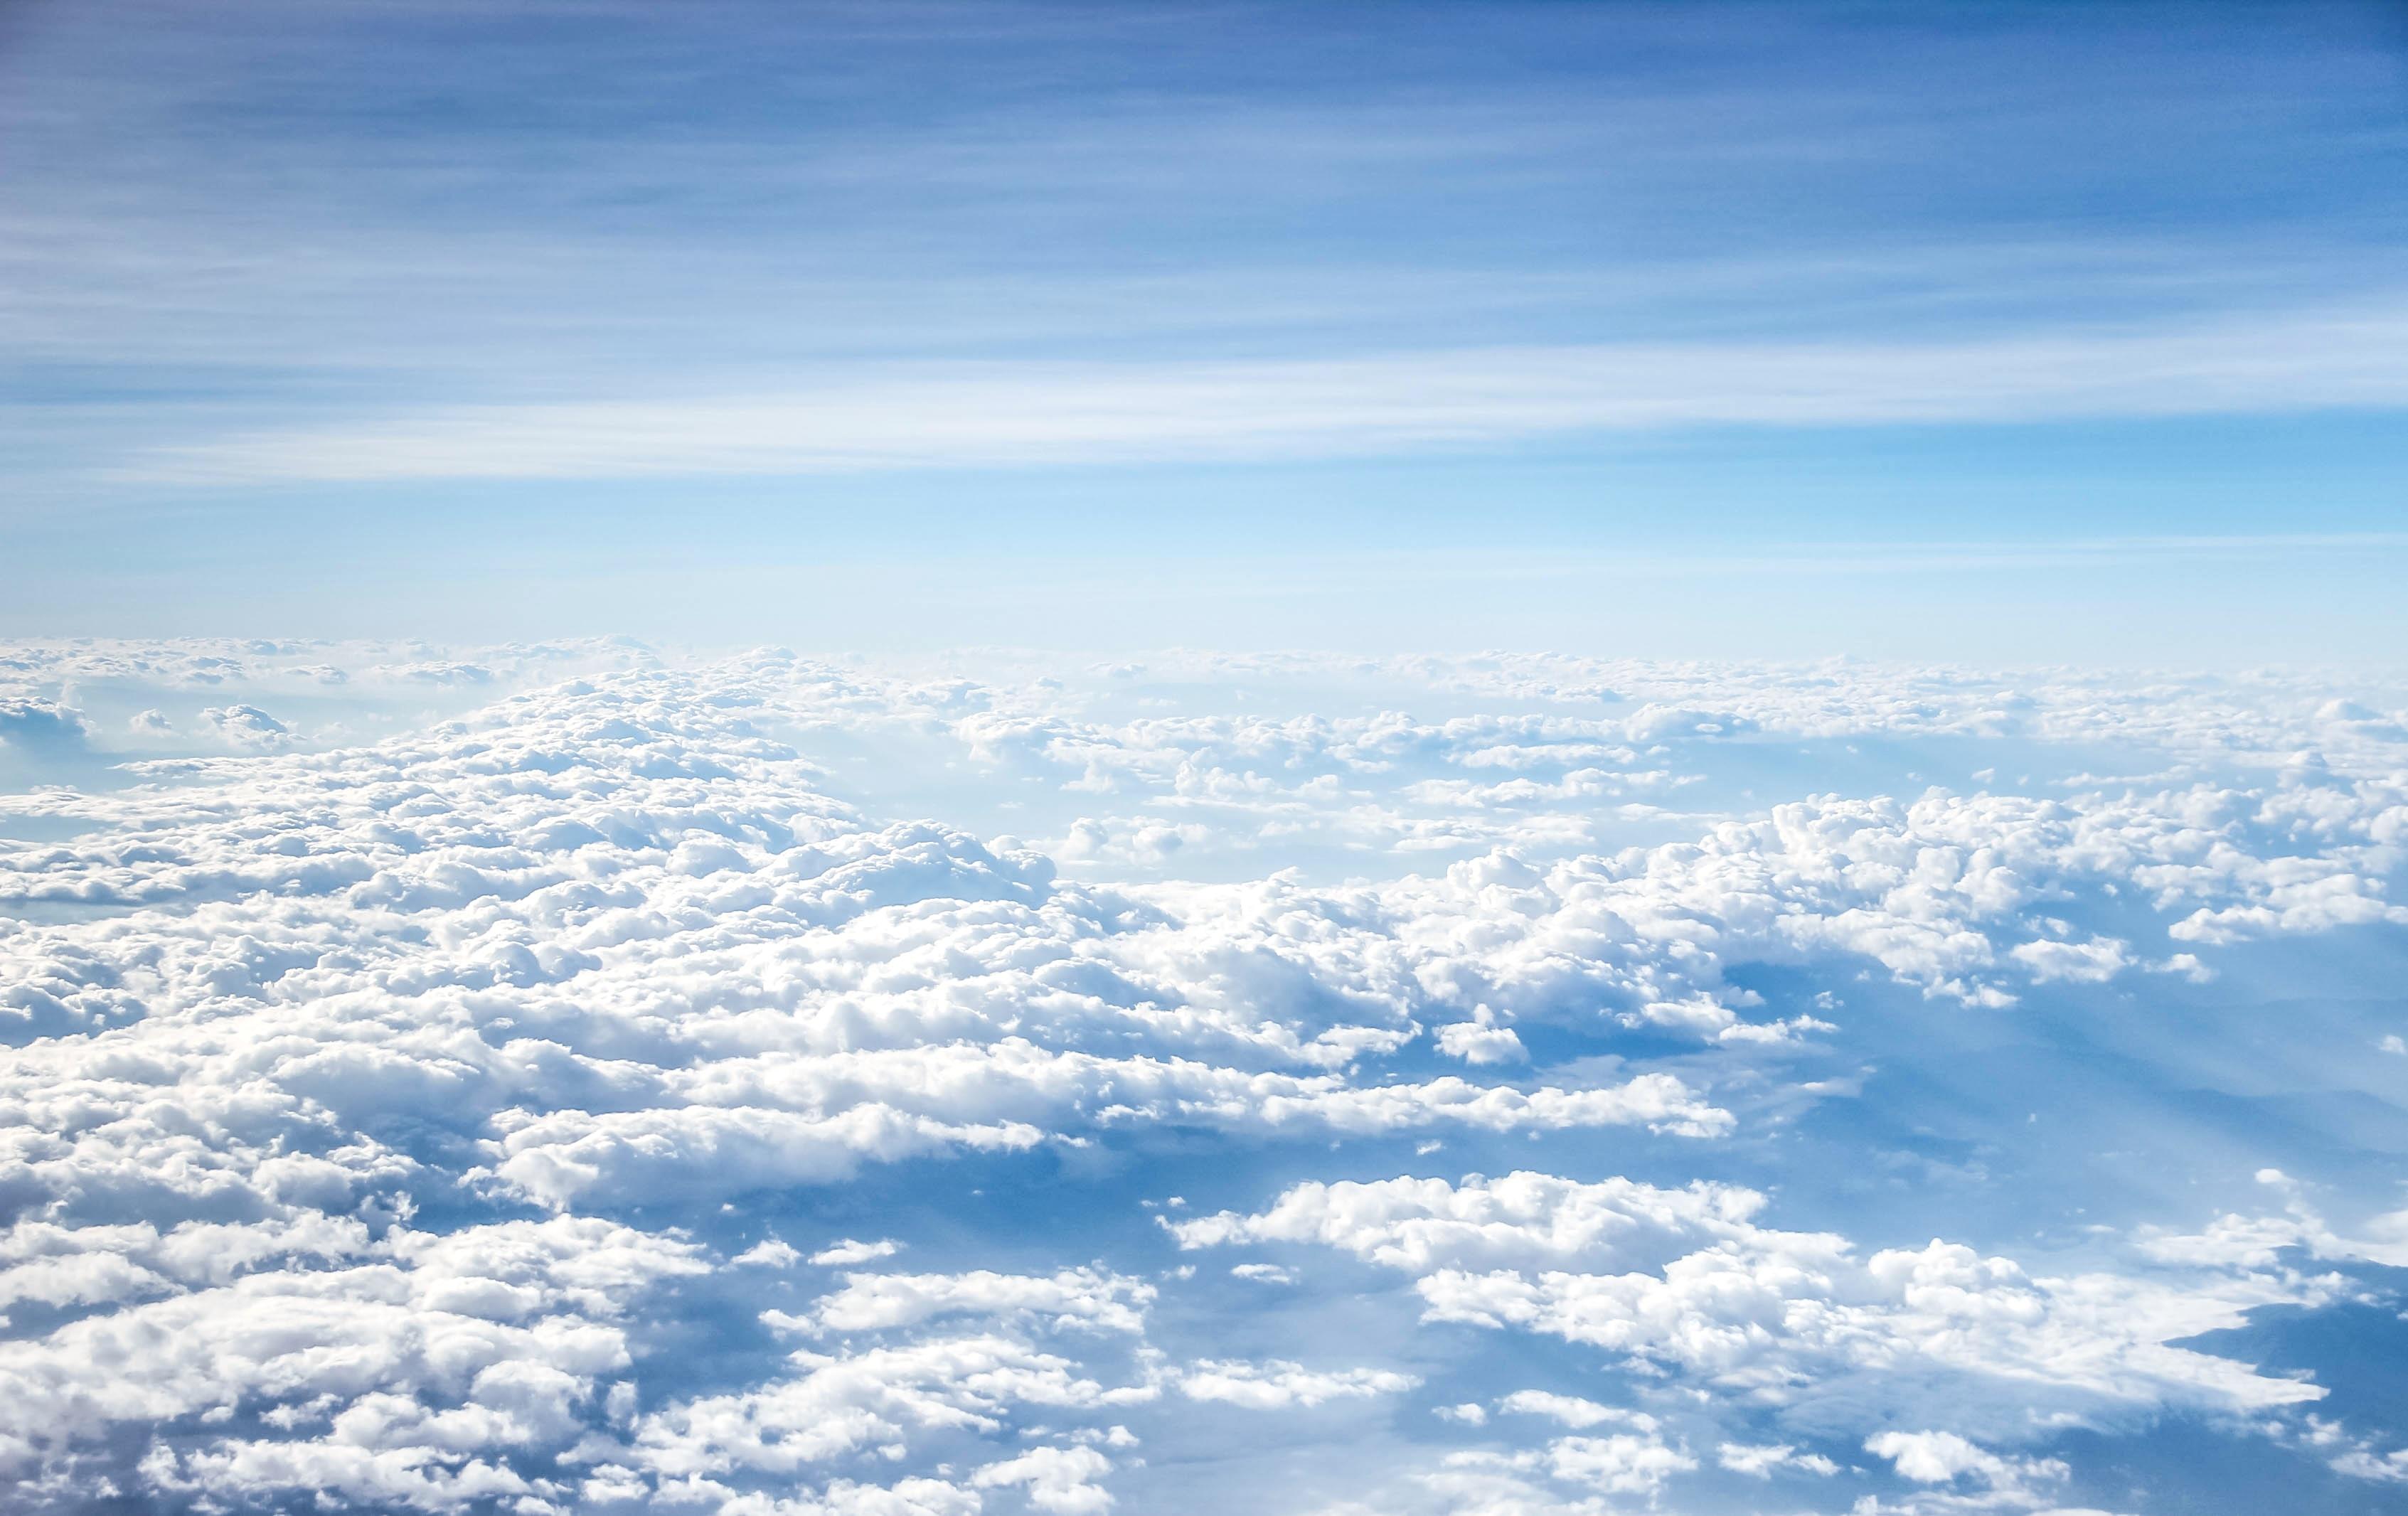 Небеса картинки фото, морская тематика